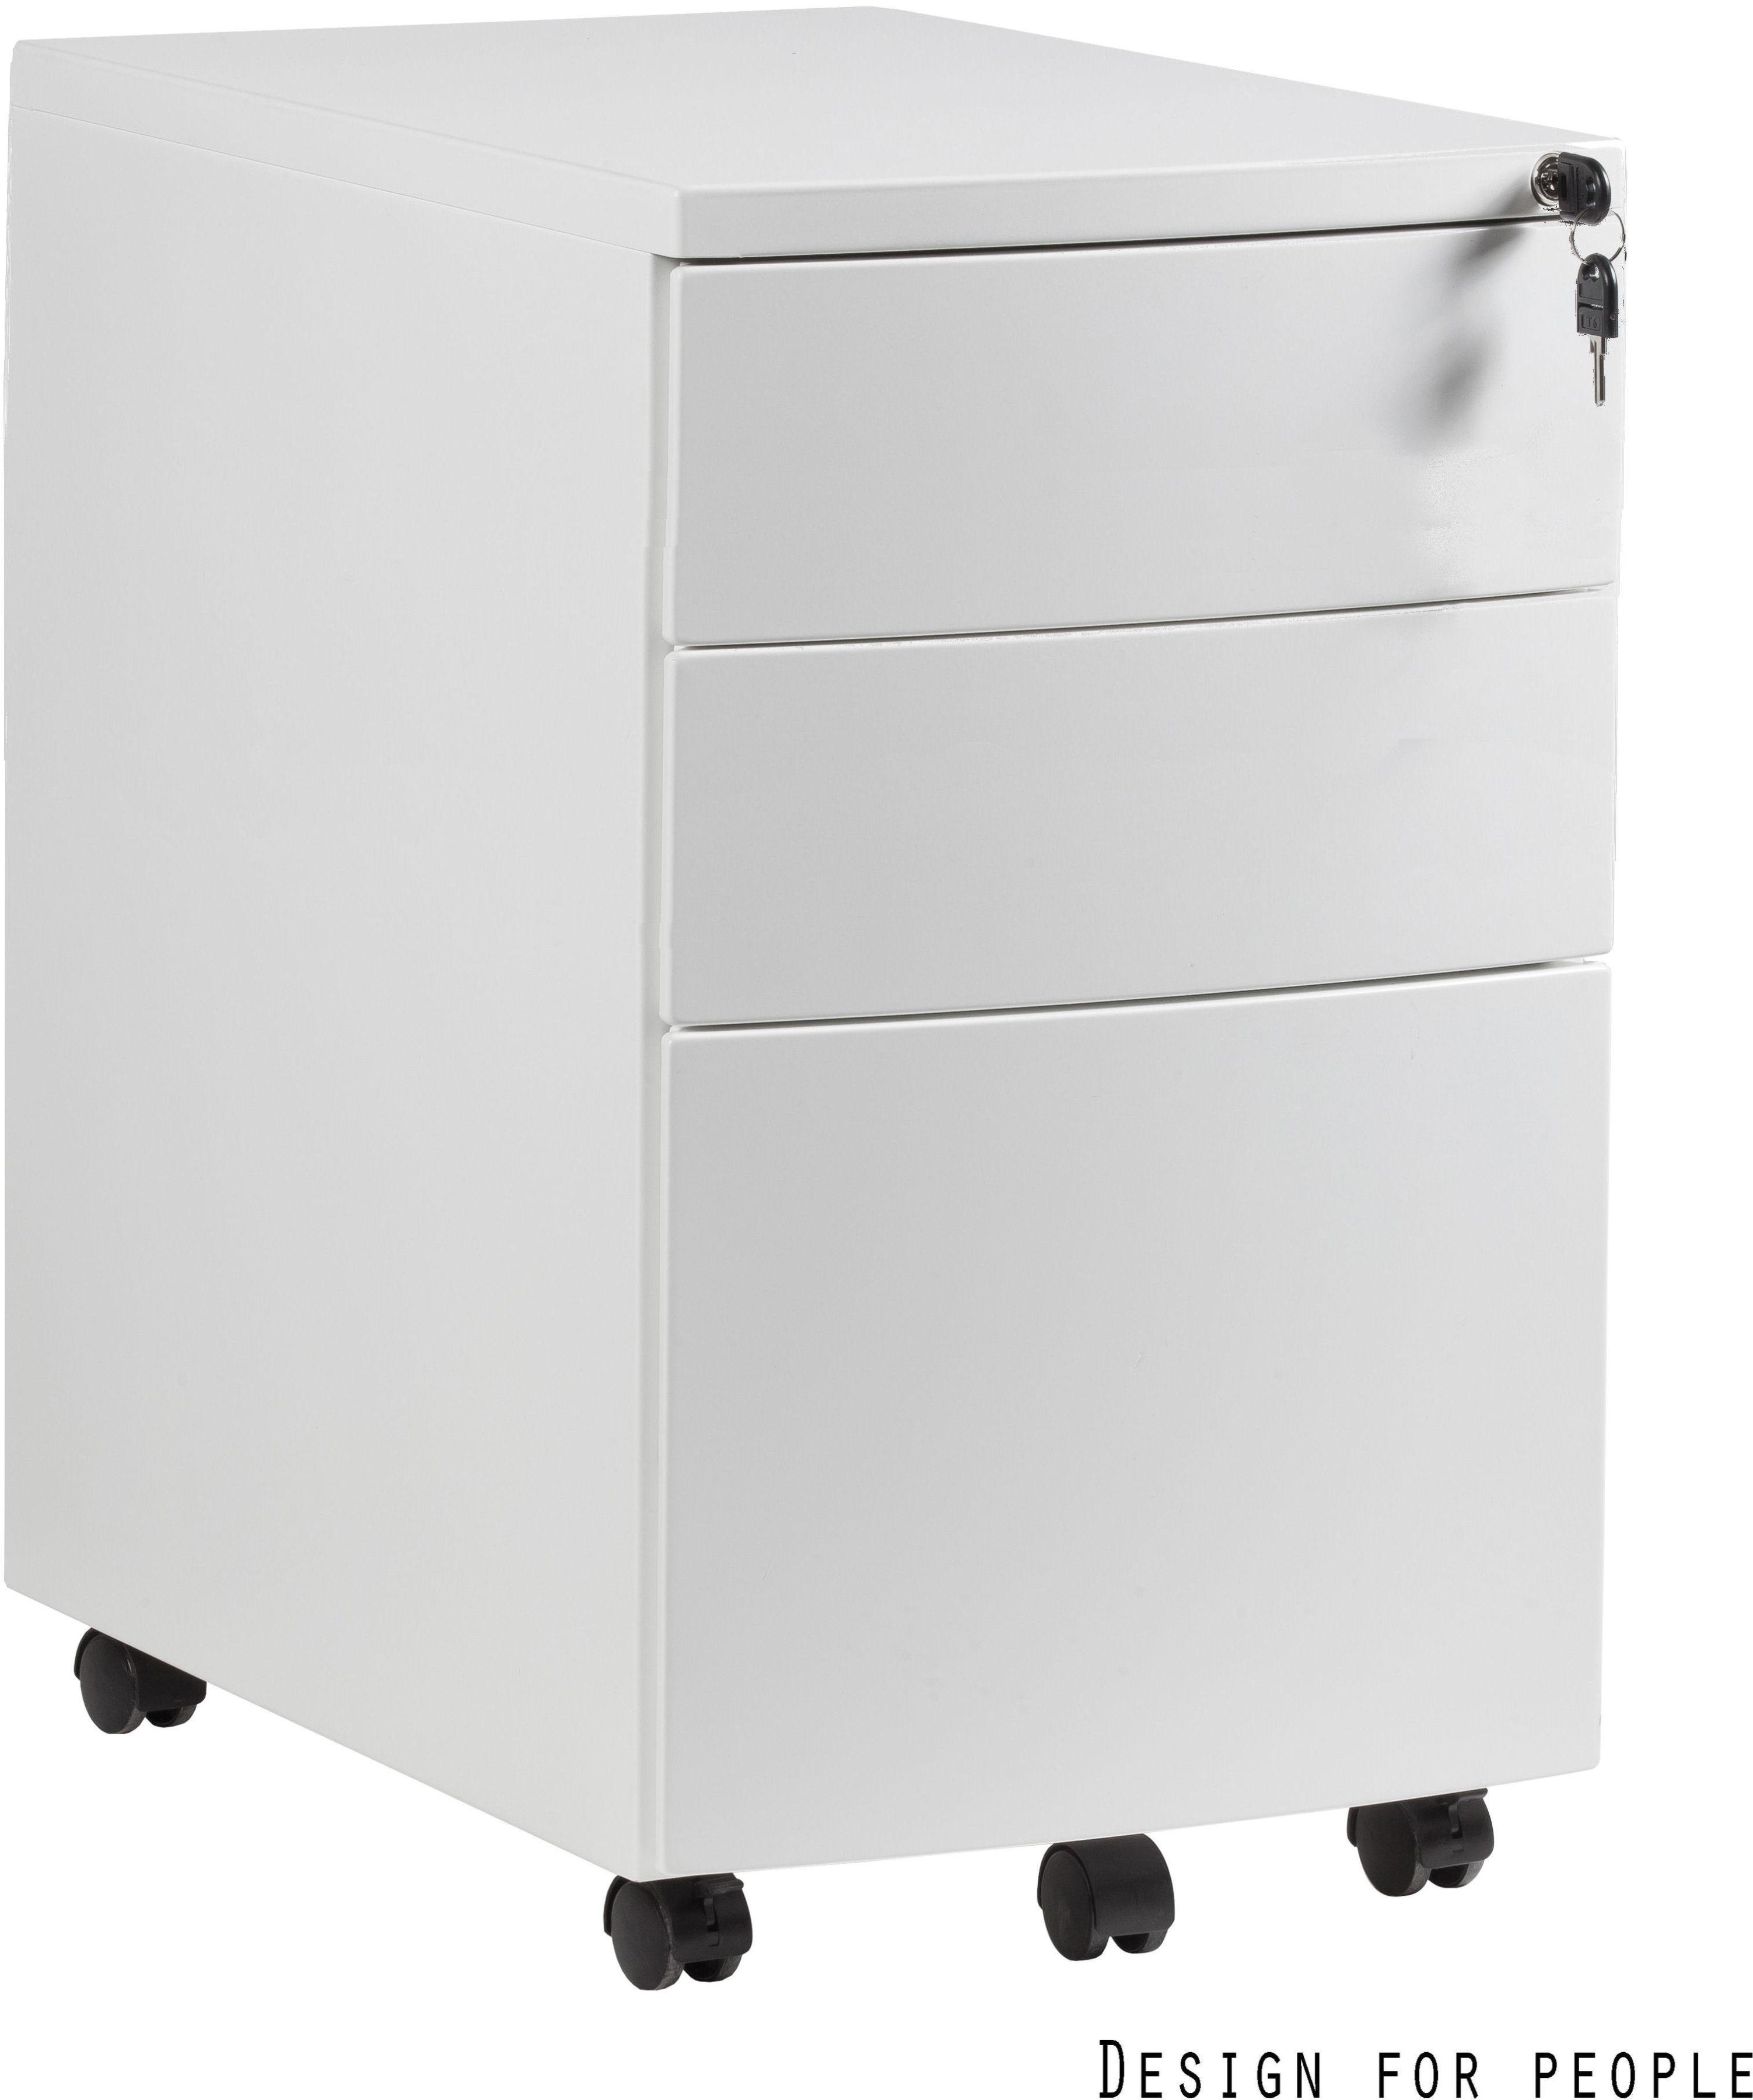 Kontener biurowy 39x56x64 cm RPH-01-W biały